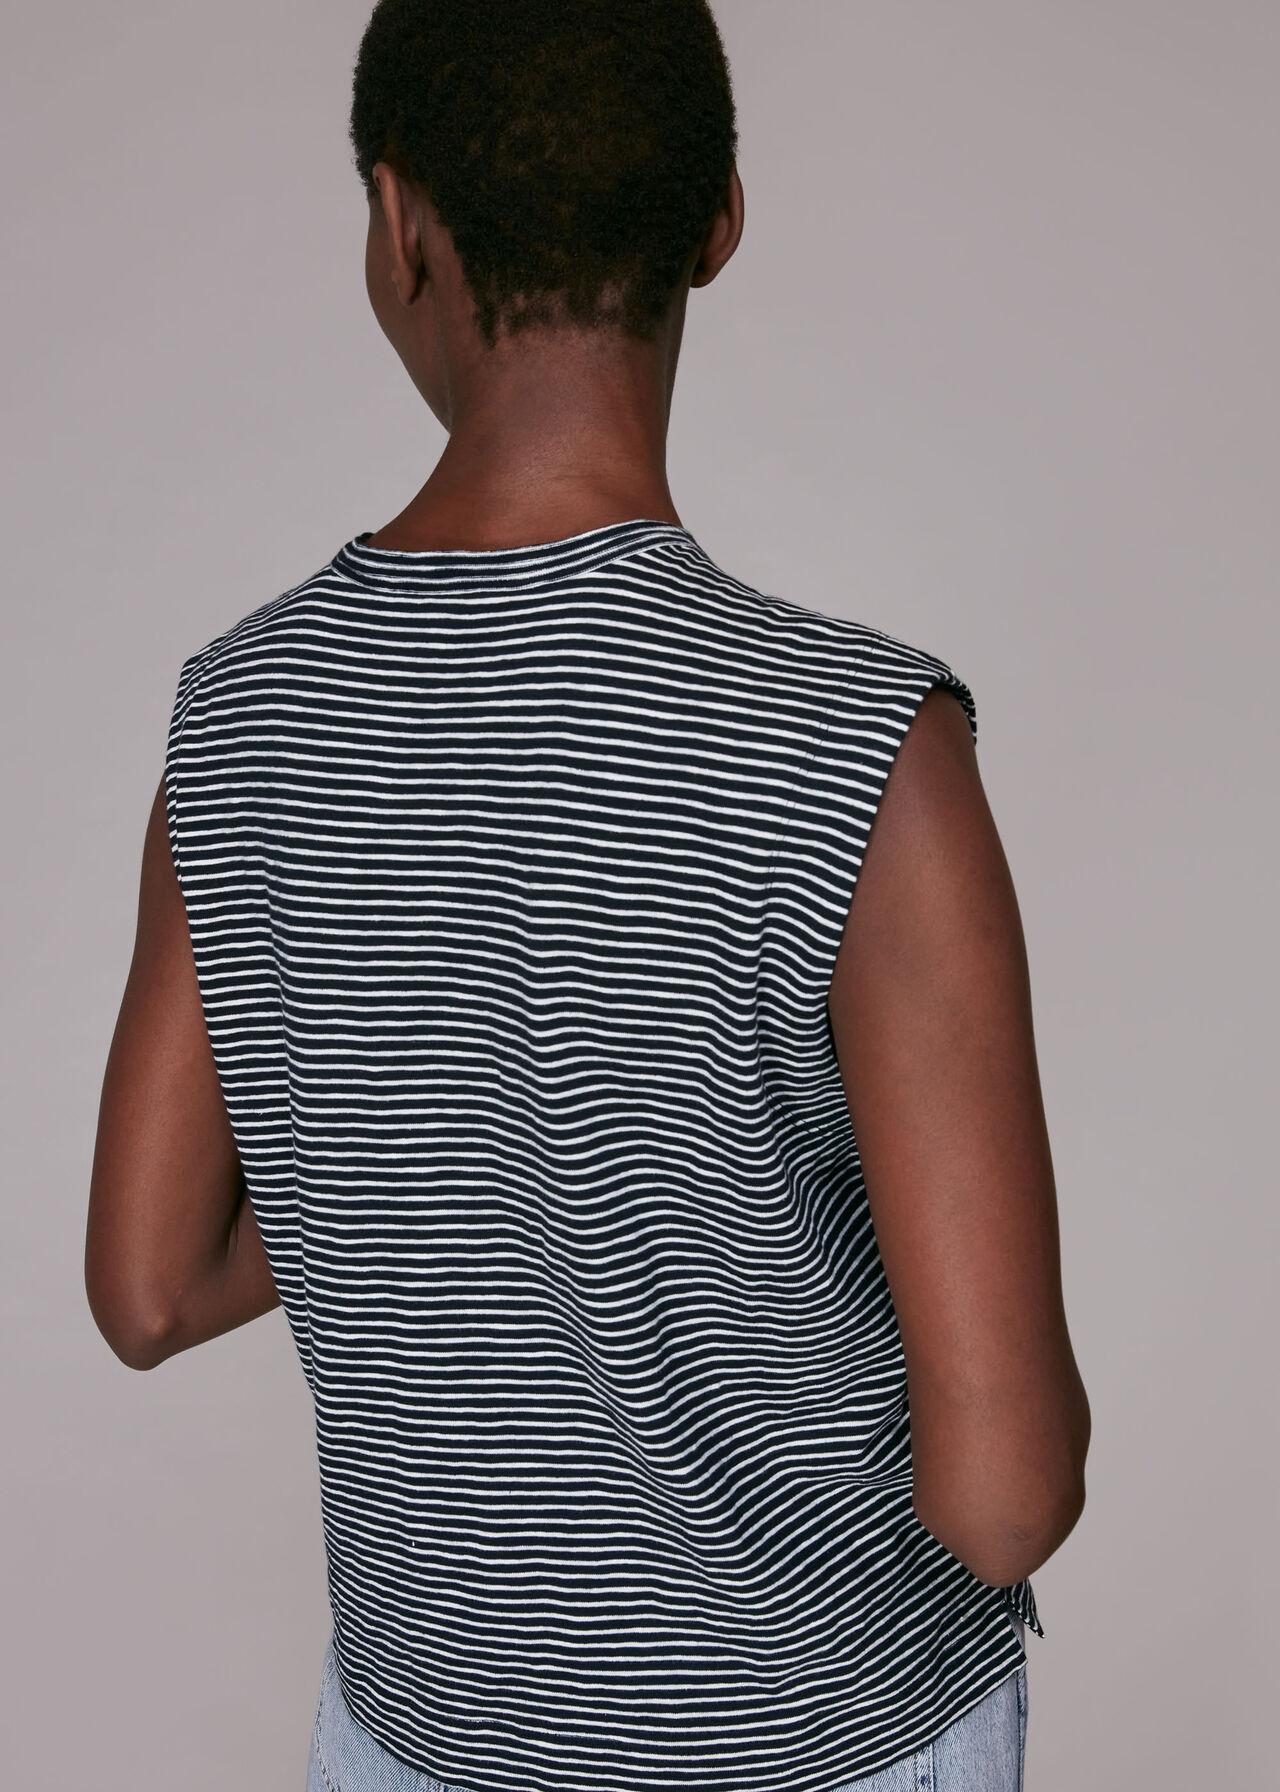 Stripe Muscle Vest Top